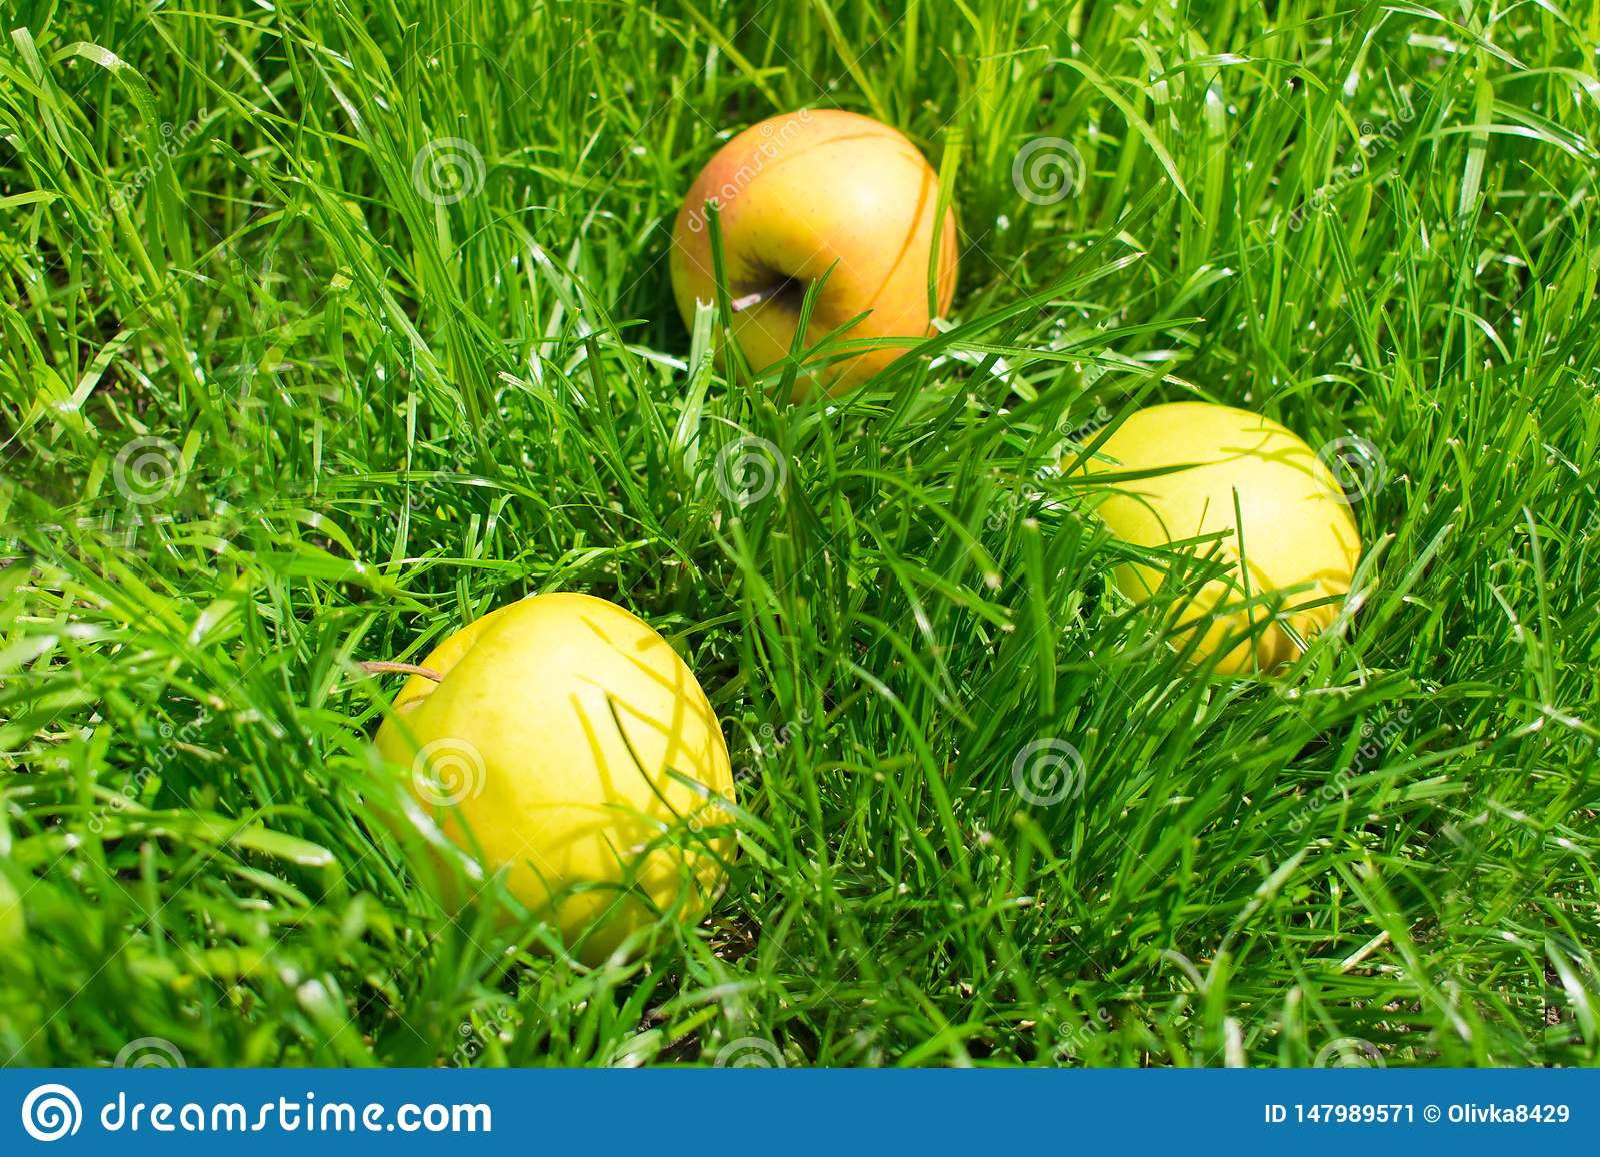 Gele appelen op groen gras